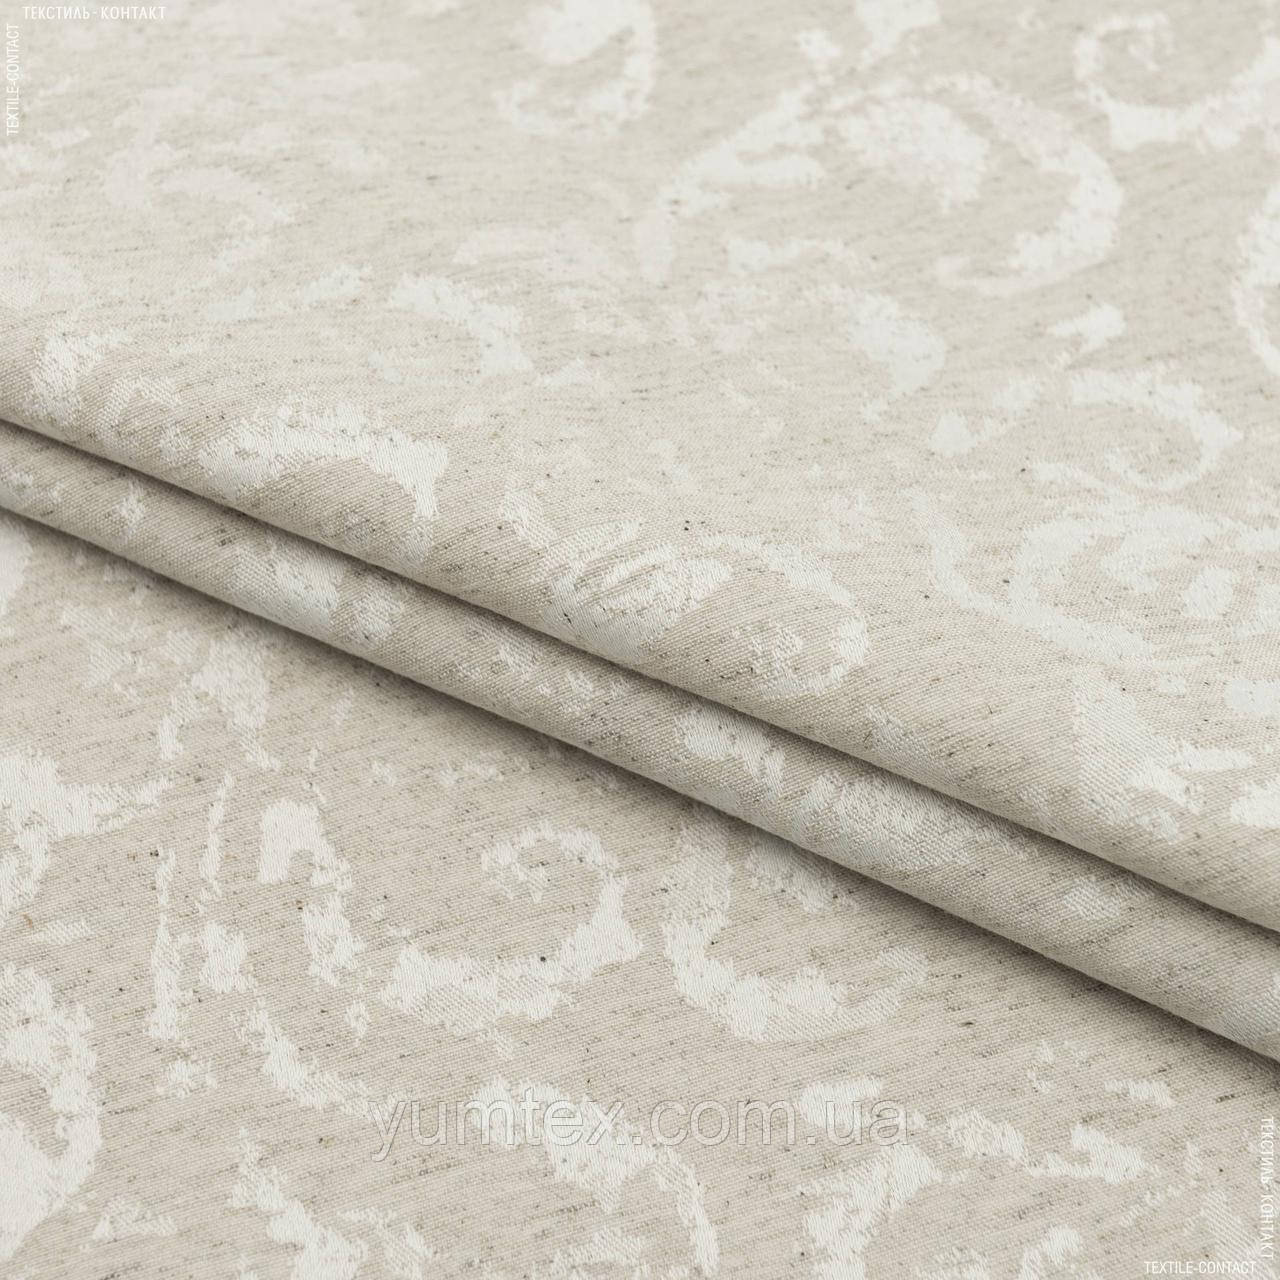 Скатертная ткань жаккард юно  цвет льна 148938